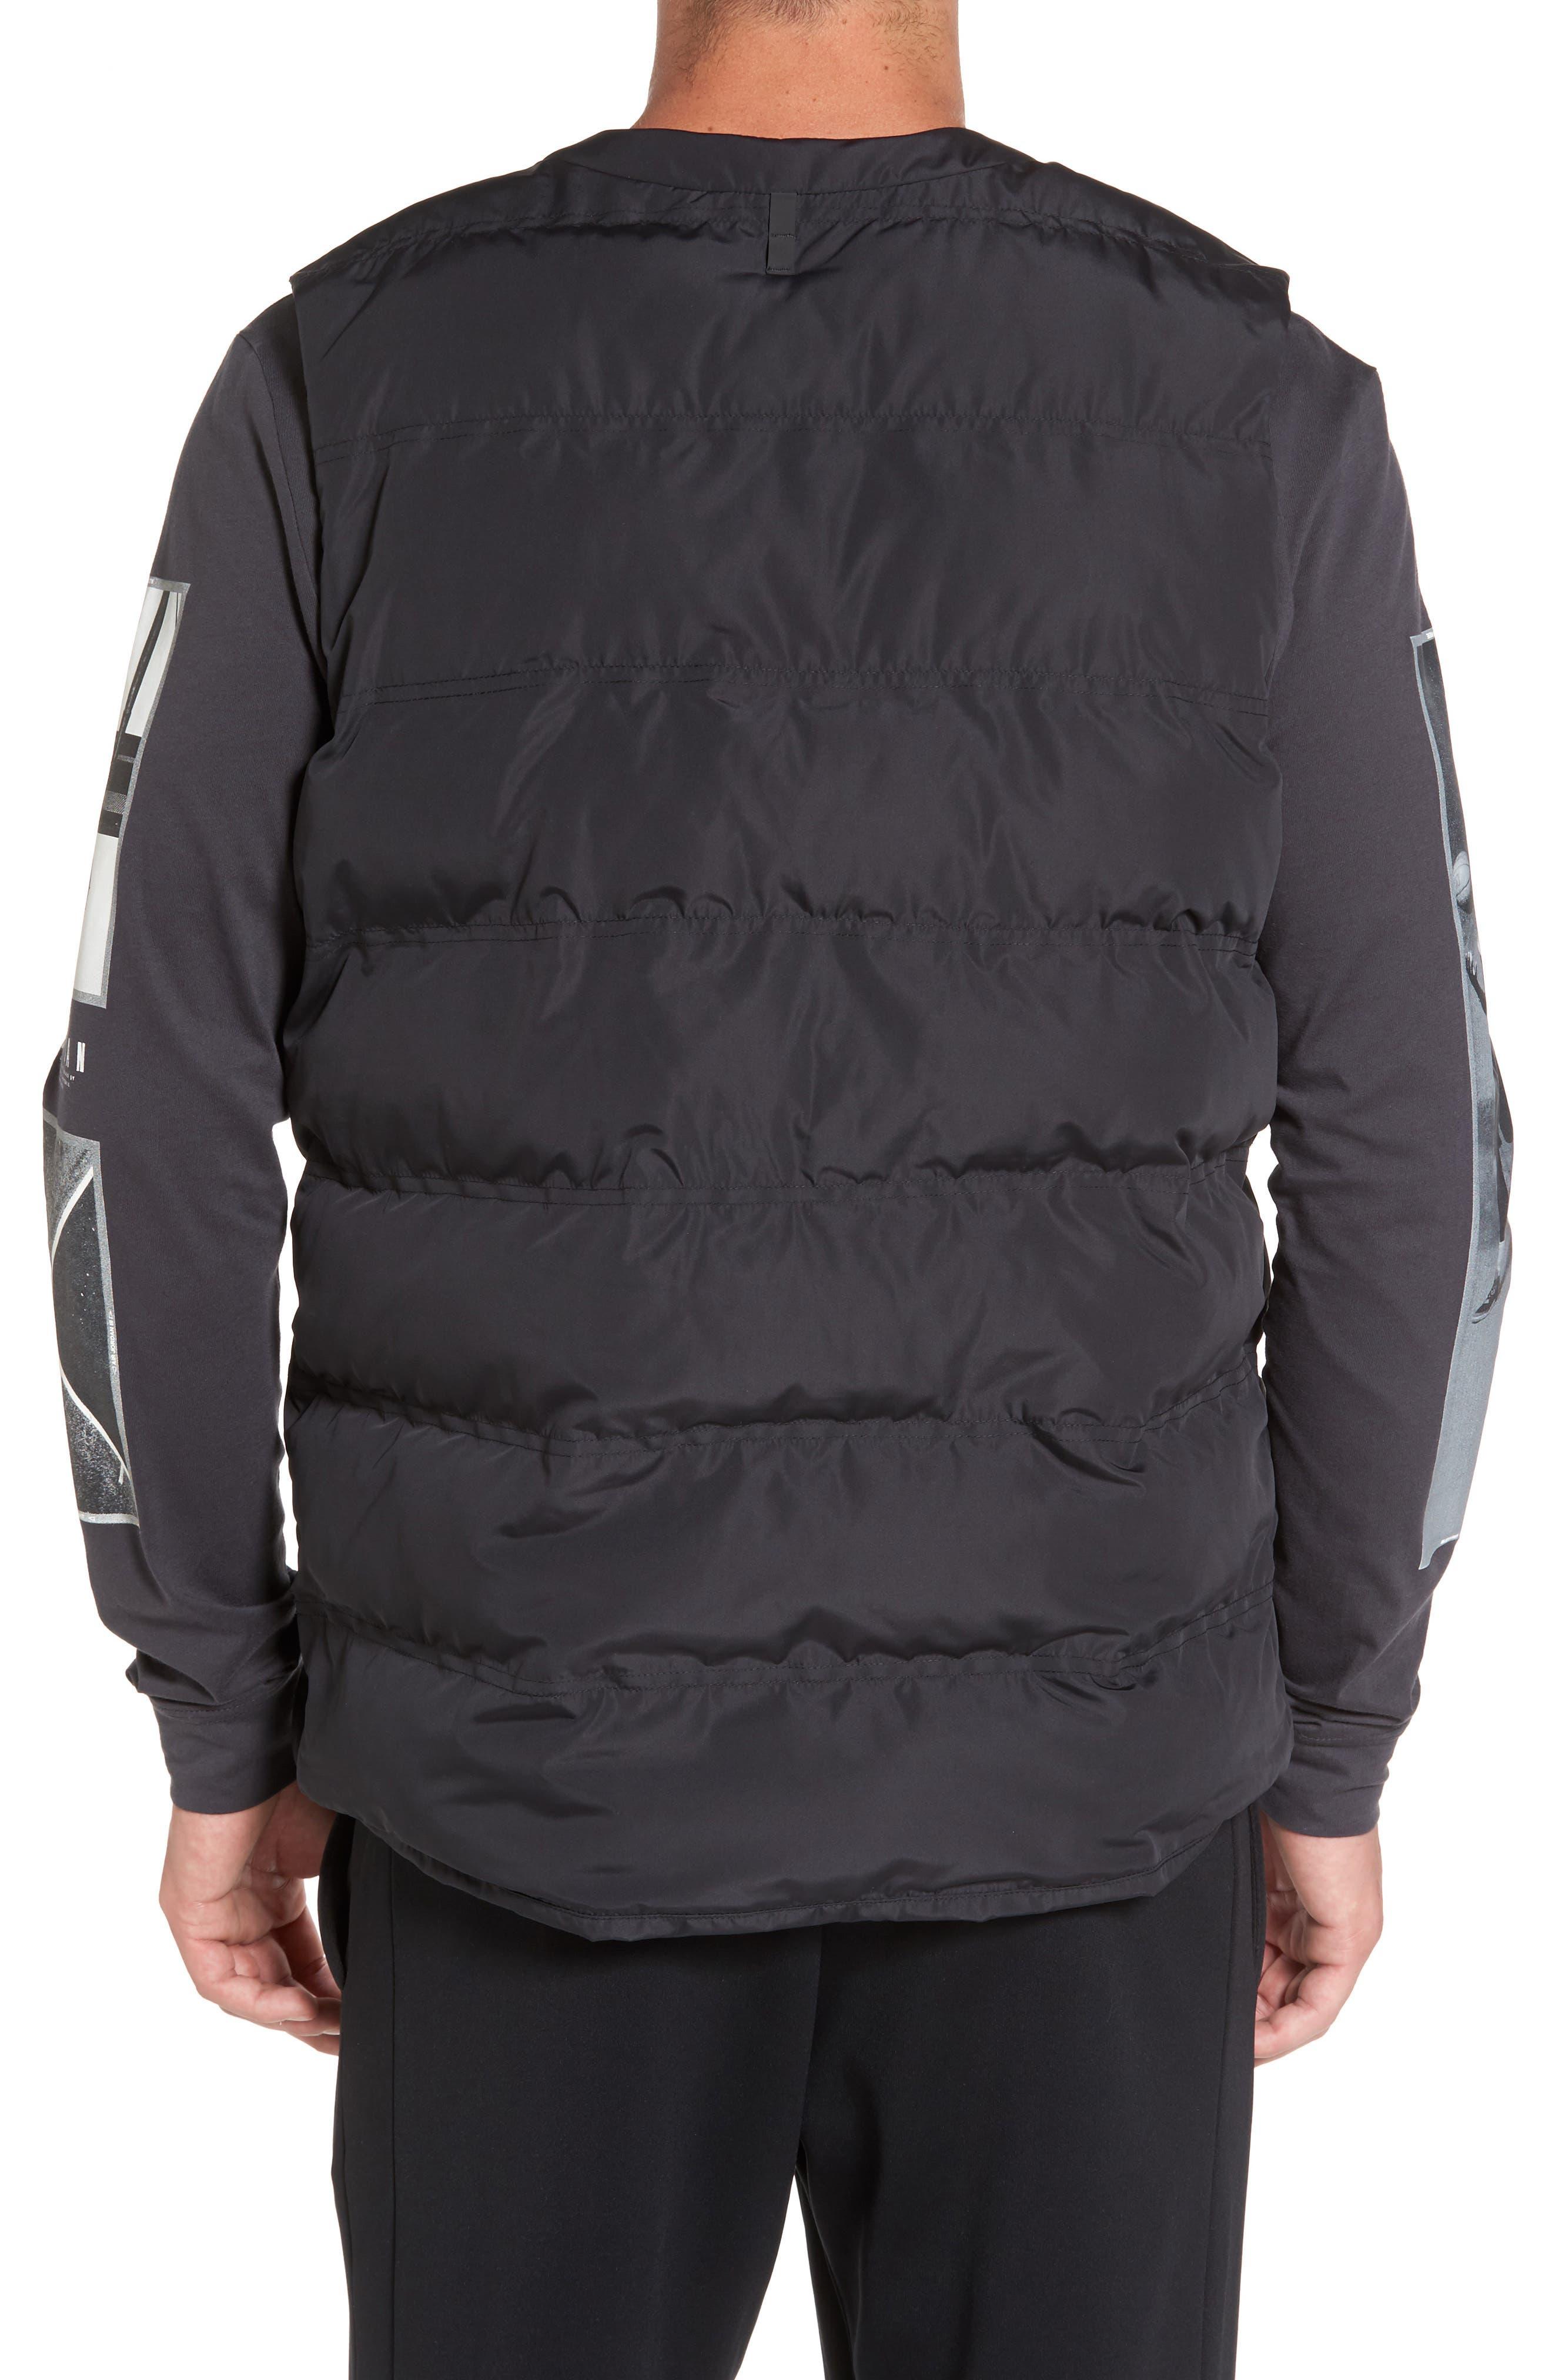 23 Tech Vest,                             Alternate thumbnail 2, color,                             Black